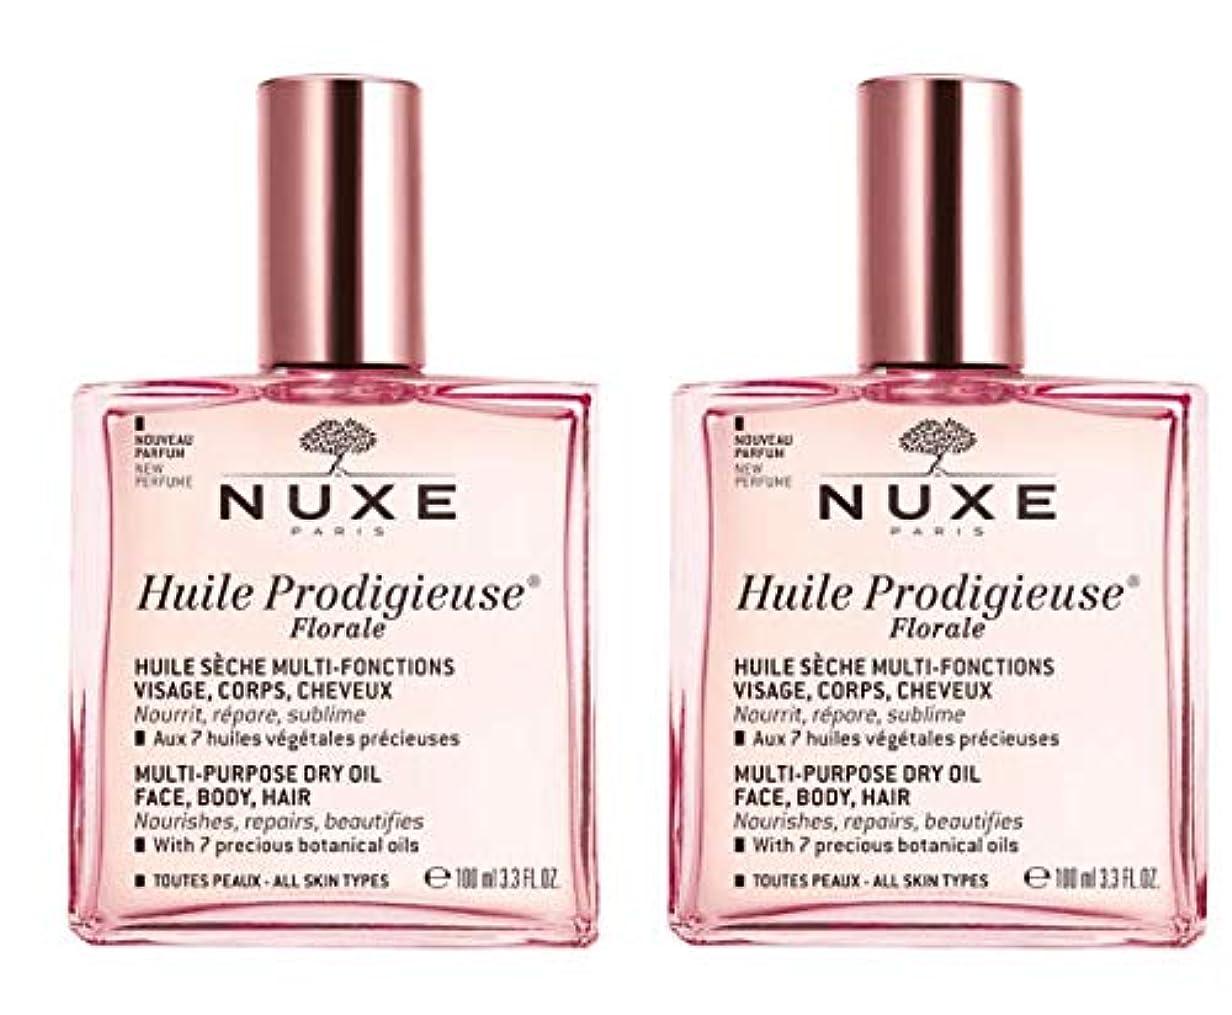 検索エンジンマーケティングボランティア認識ニュクス NUXE プロディジュー フローラルオイル 100ml 2本セット 花の香りと共に新発売 海外直送品